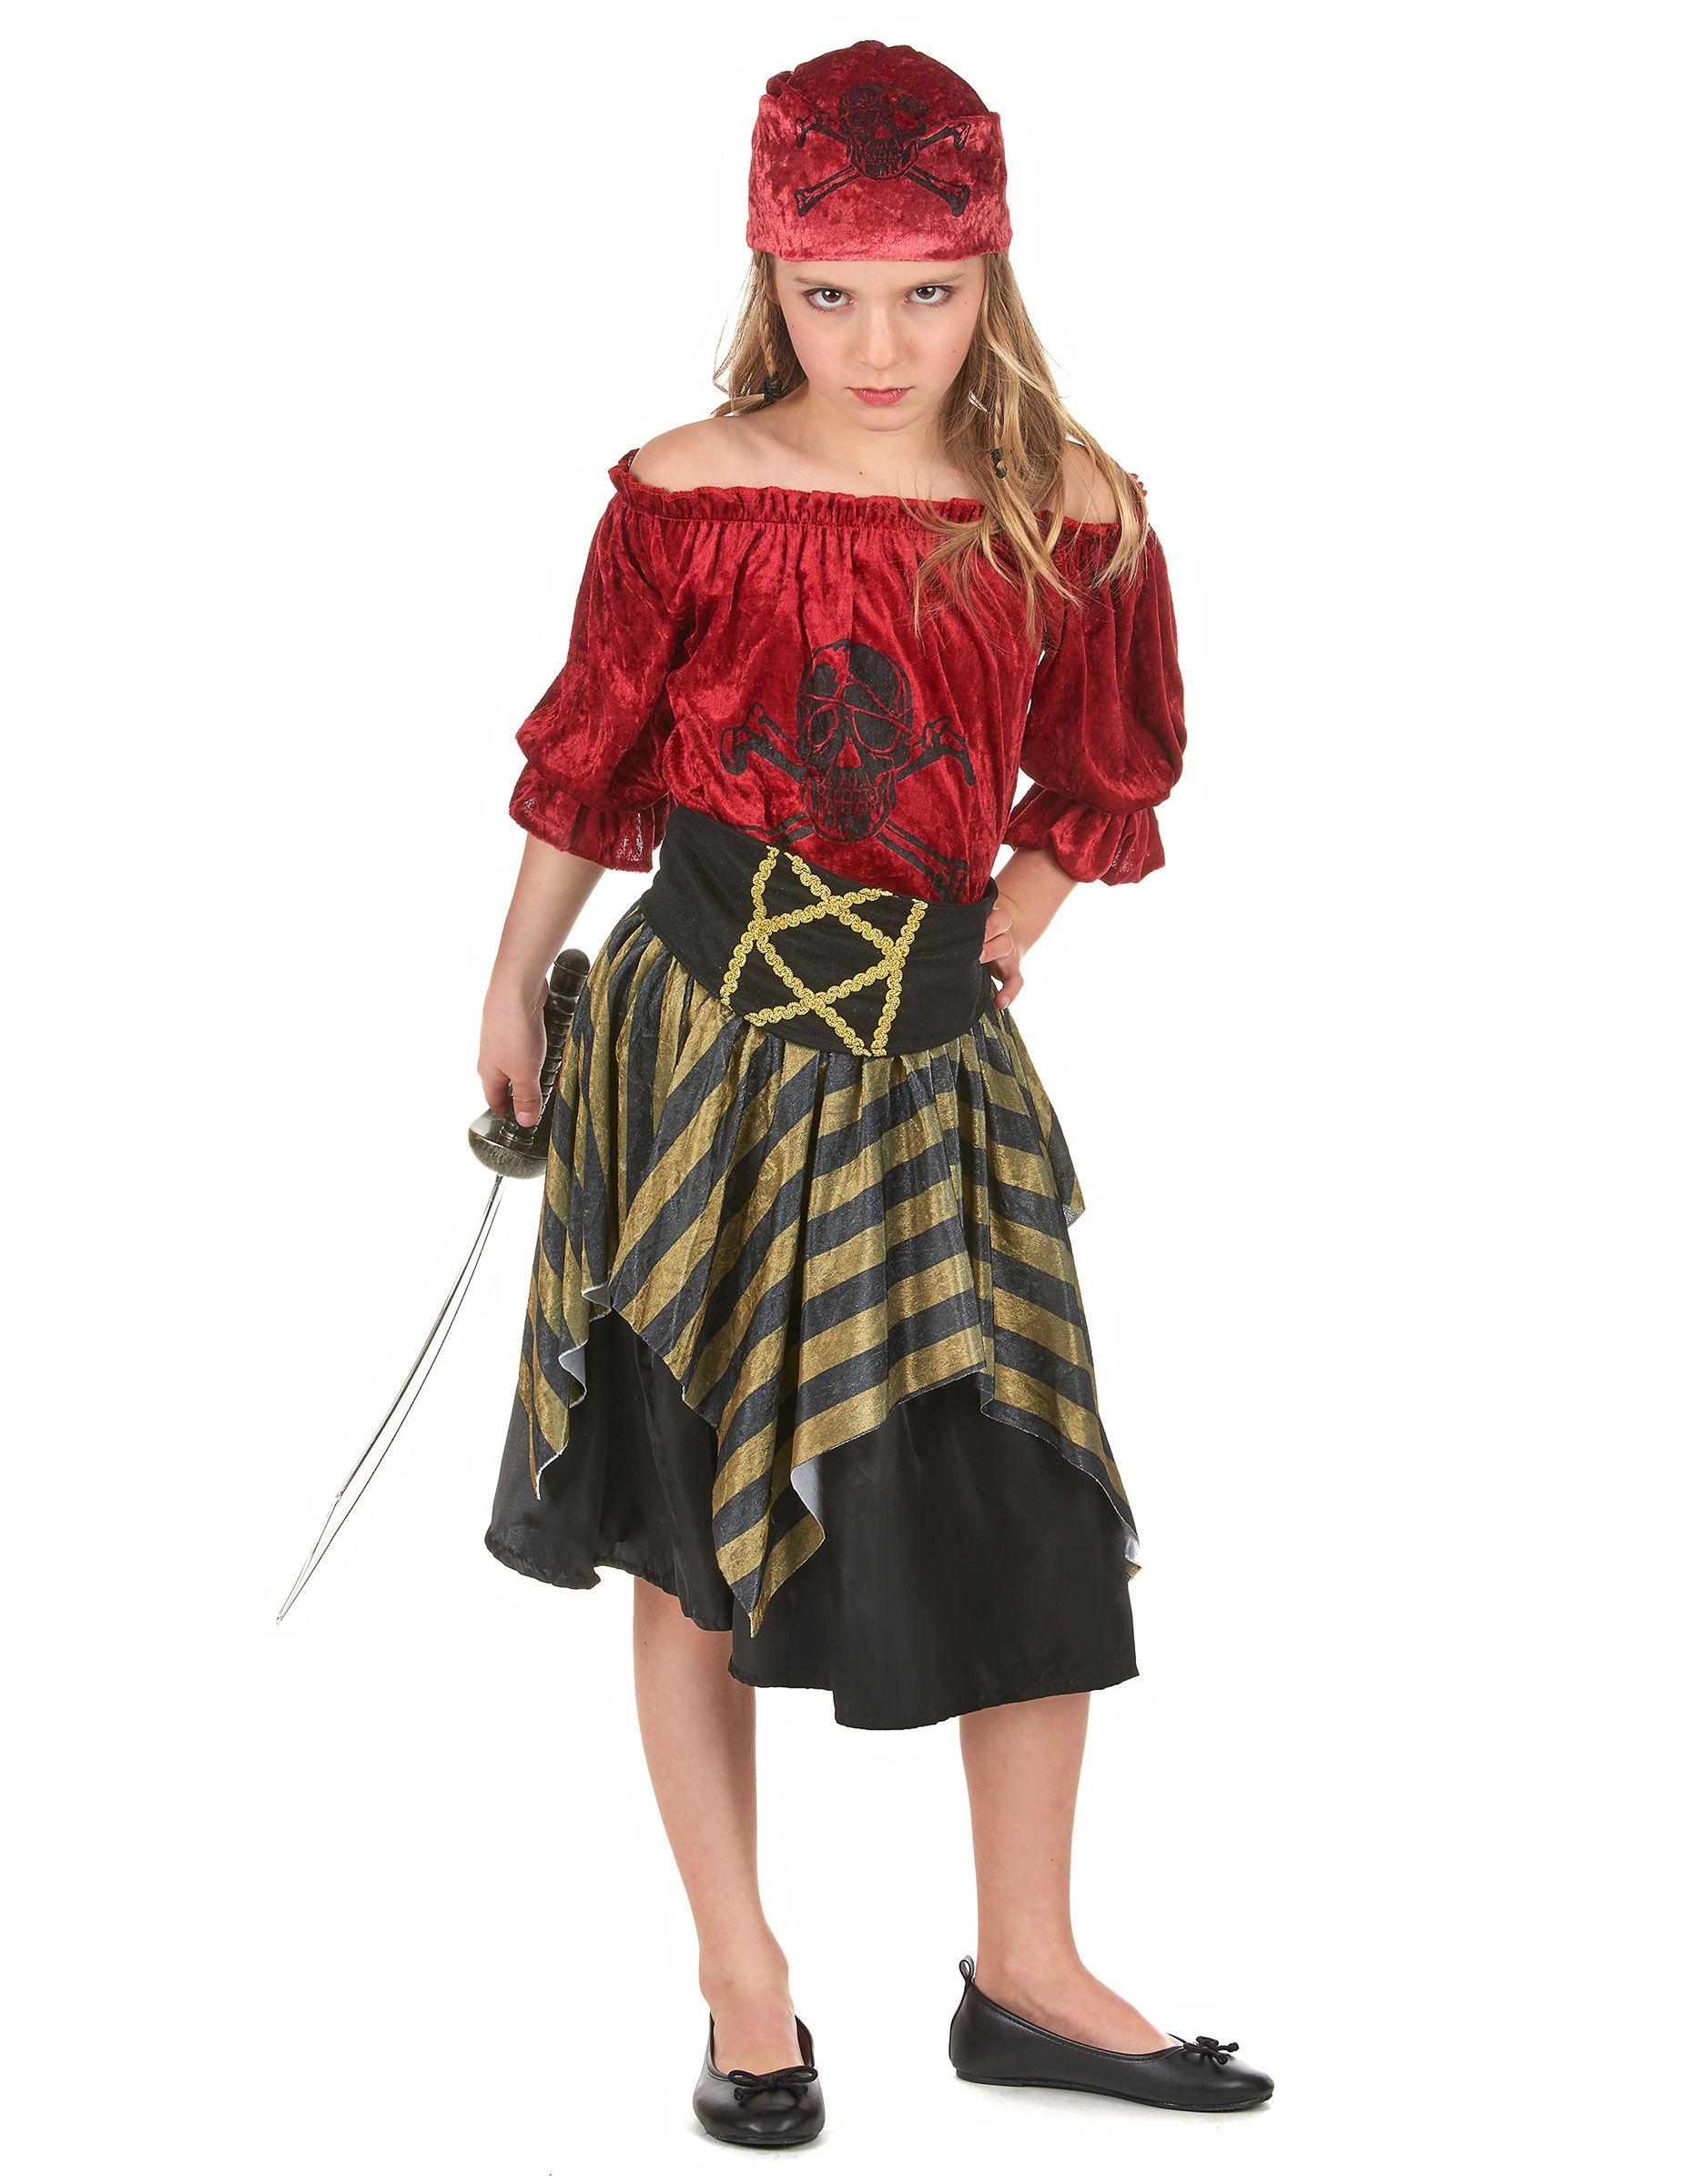 Piratenkostüm für Mädchen   Mädchen, Gürtel und Oberteile